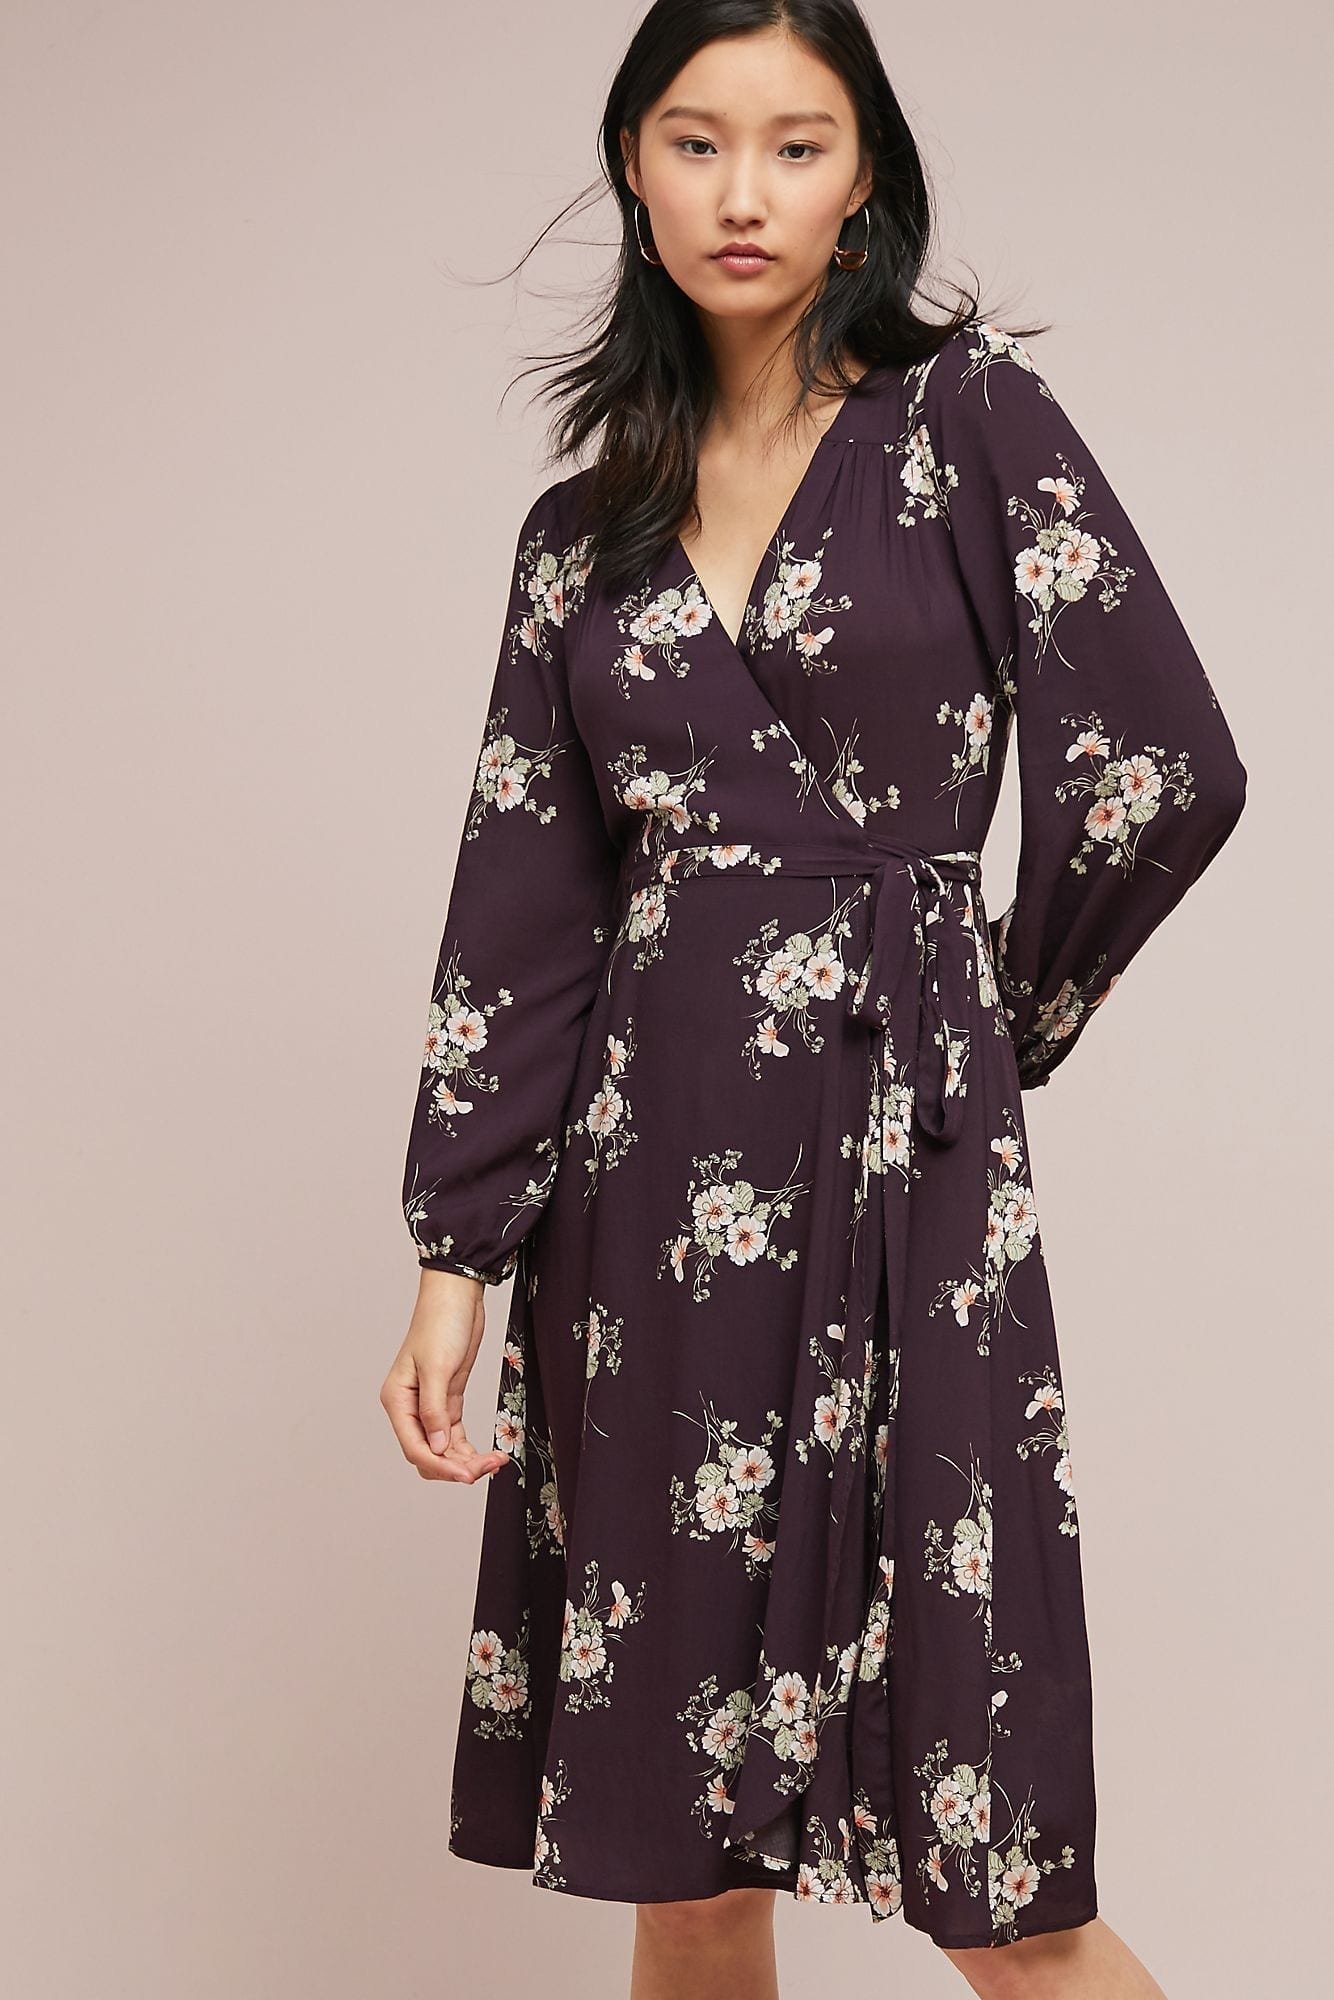 VELVET BY GRAHAM & SPENCER Pomona Wrap Black / Floral Printed Dress